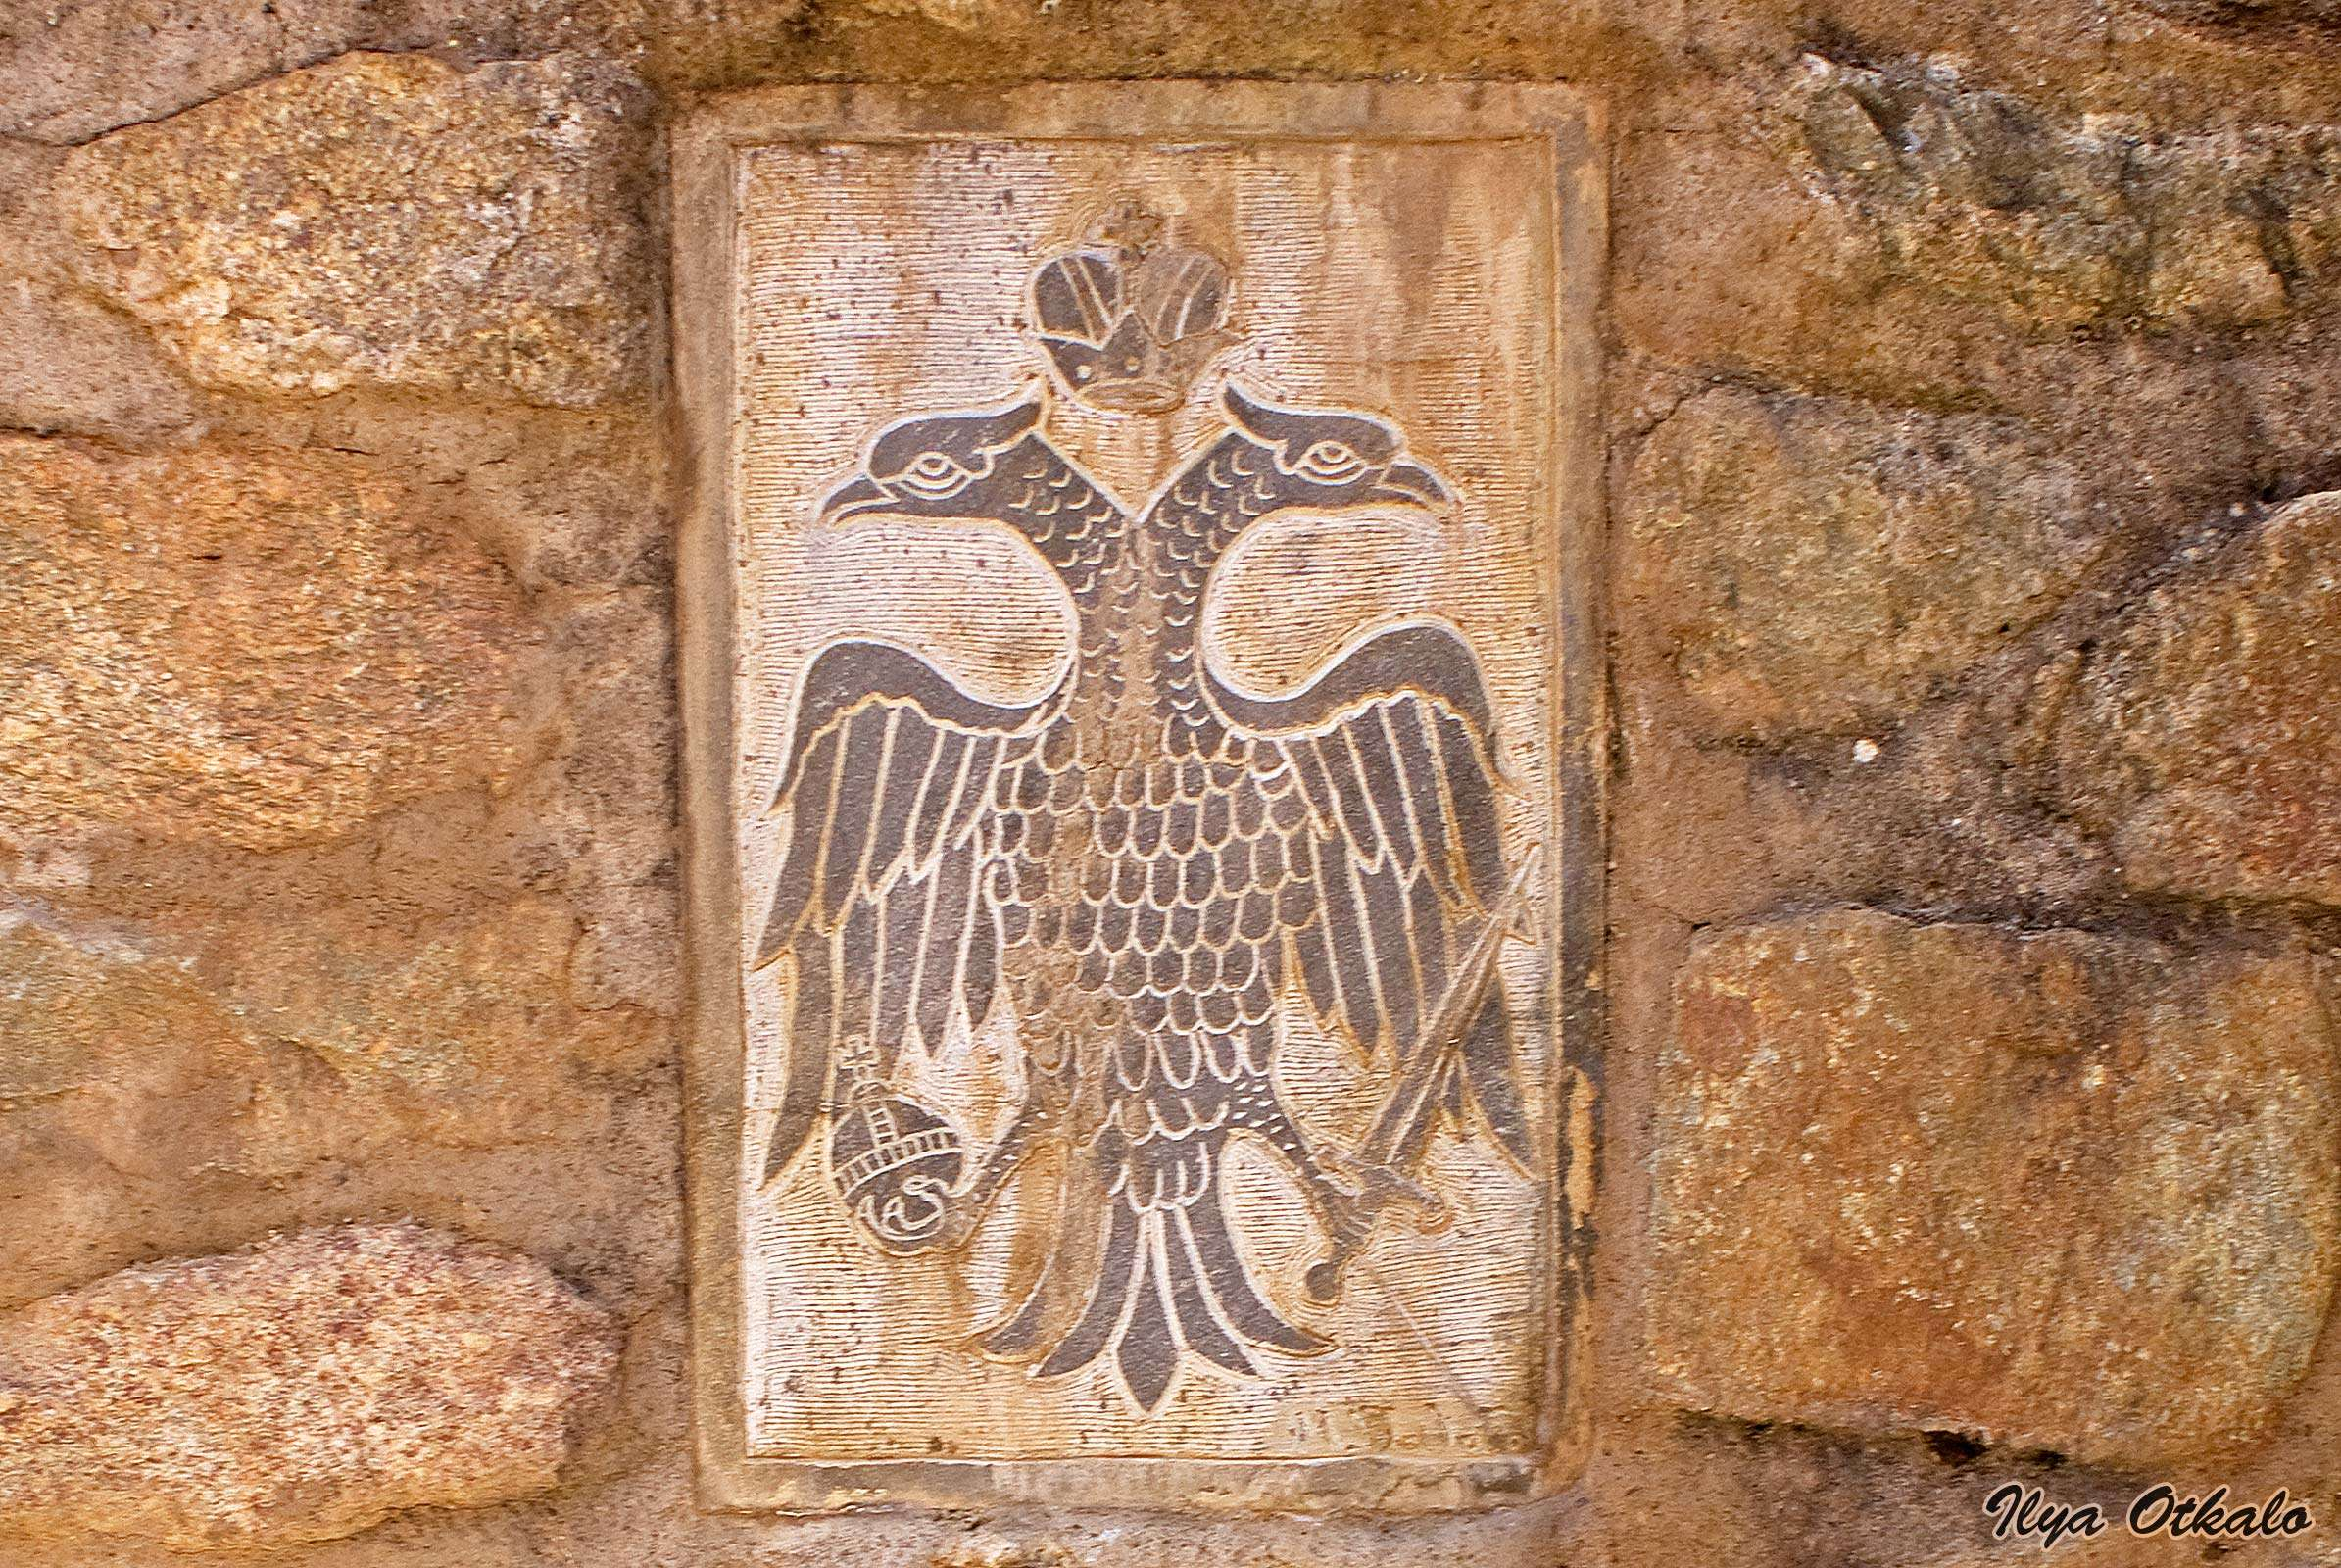 Βυζαντινός αετός στο μοναστήρι των Μετεώρων